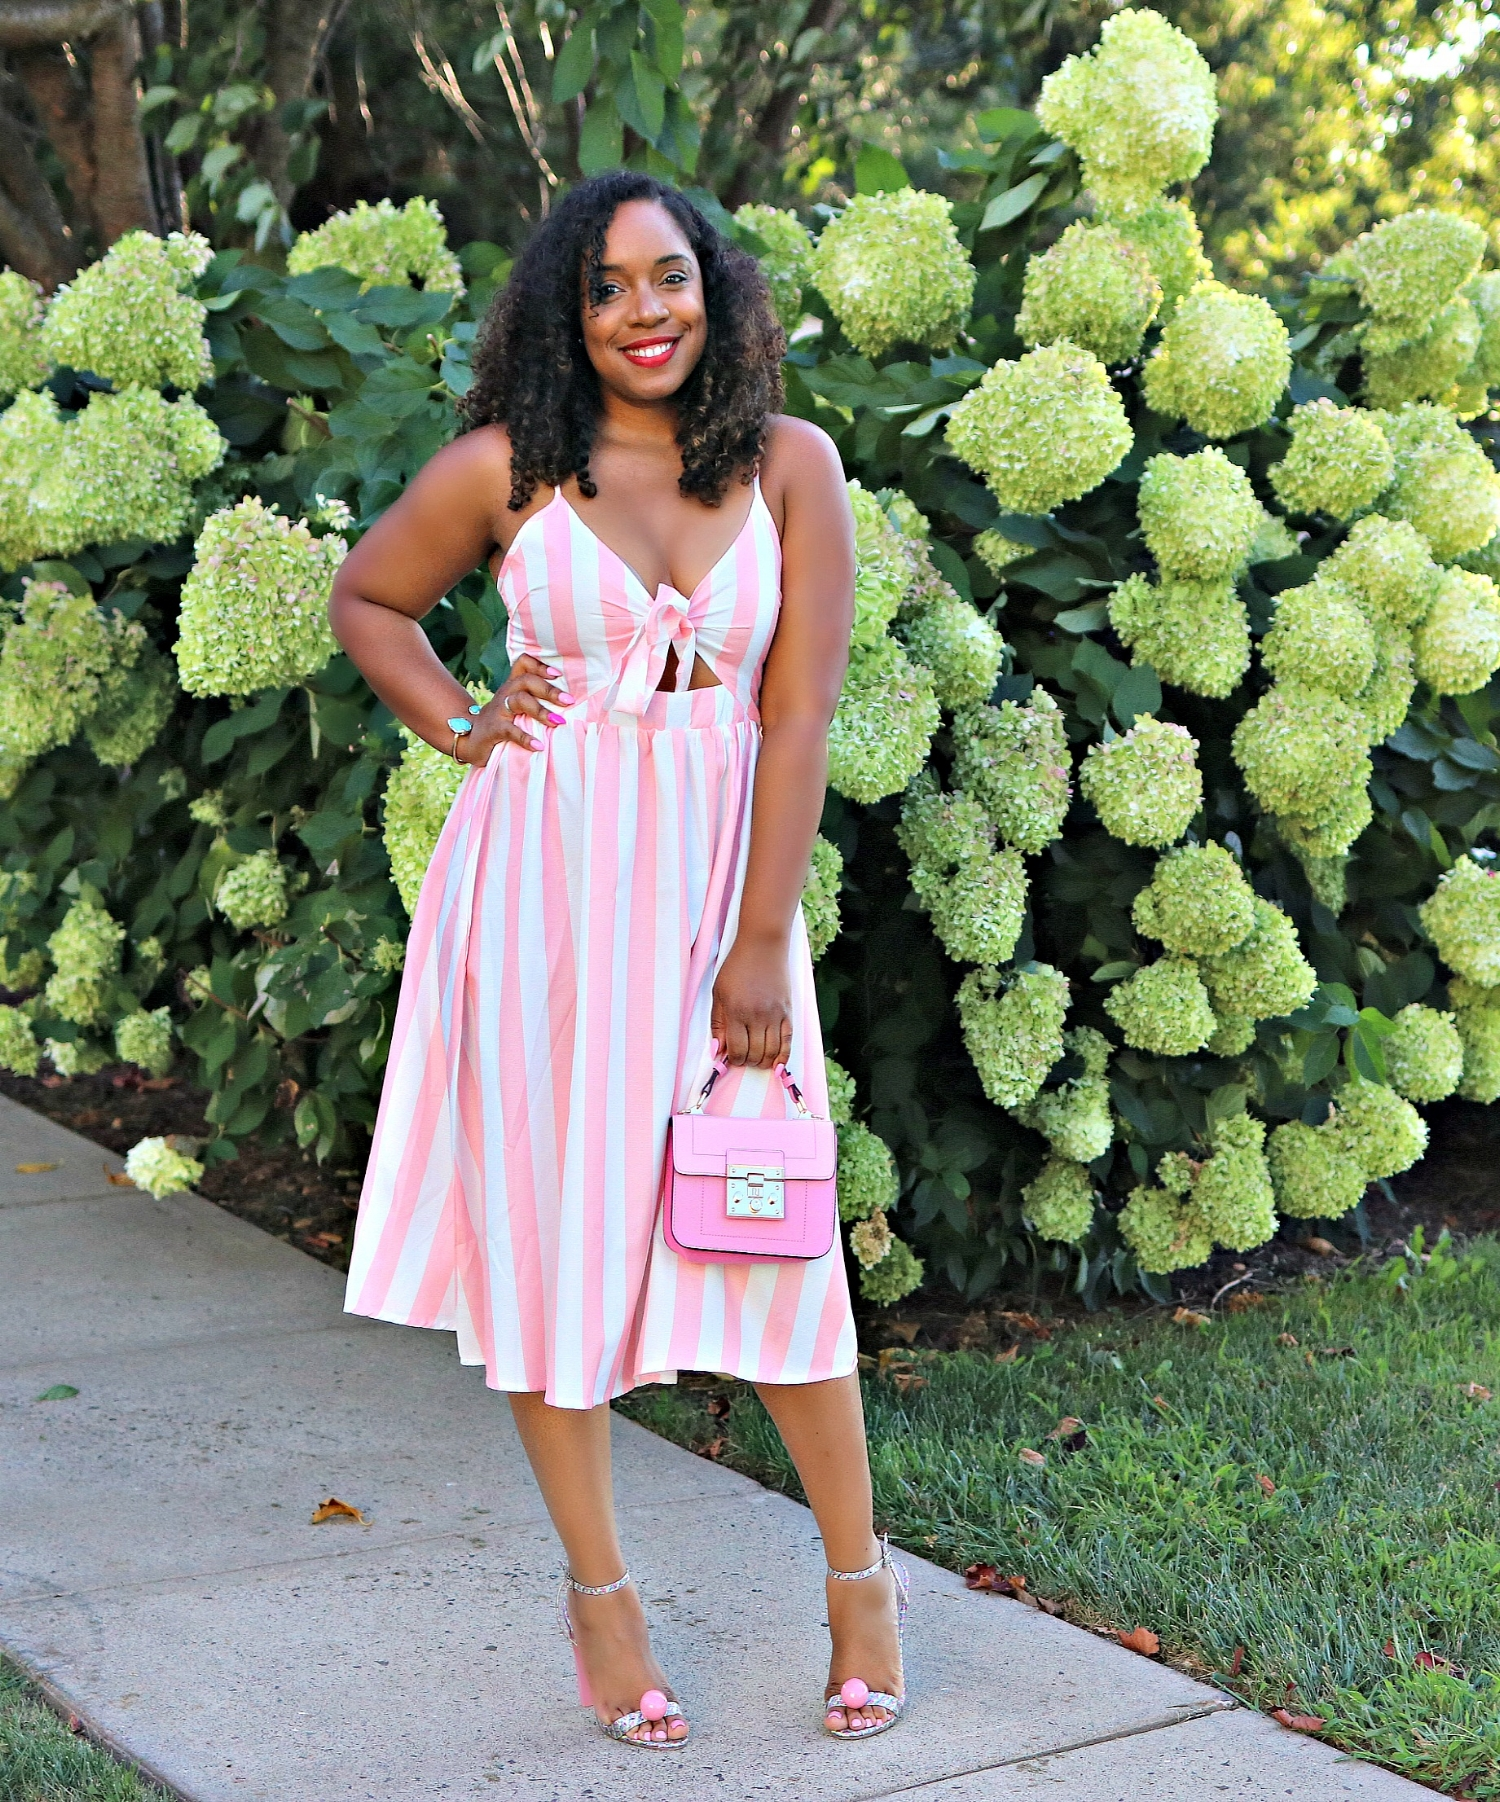 Midi Dress, Striped Dress, Summer Fashion